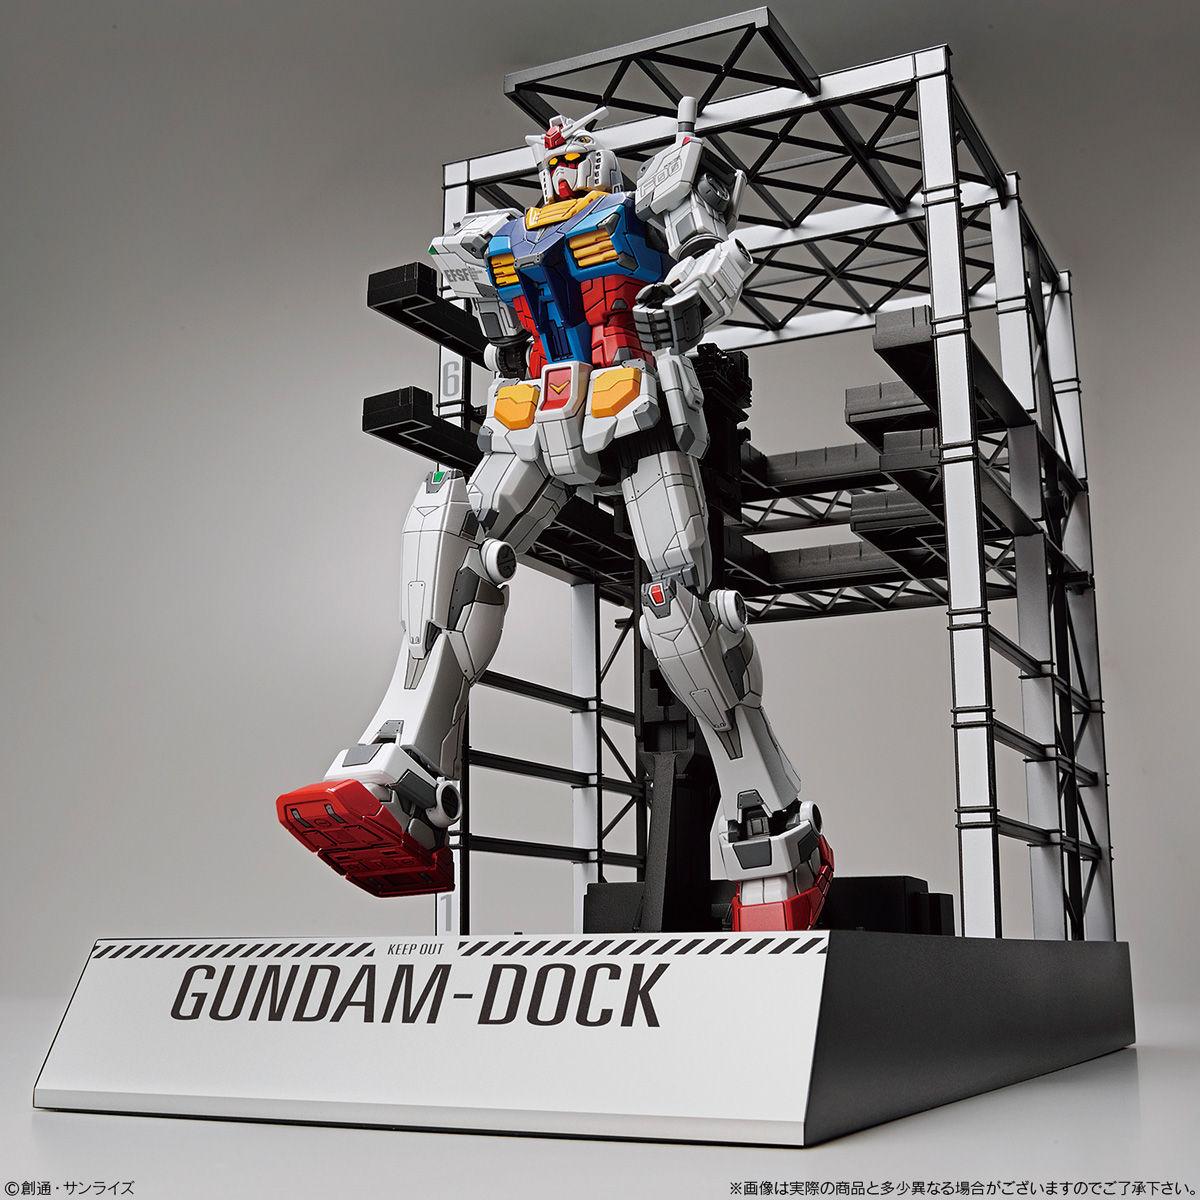 【再販】GUNDAM FACTORY YOKOHAMA『RX-78F00 ガンダム&ガンダムドック』1/144 プラモデル-005